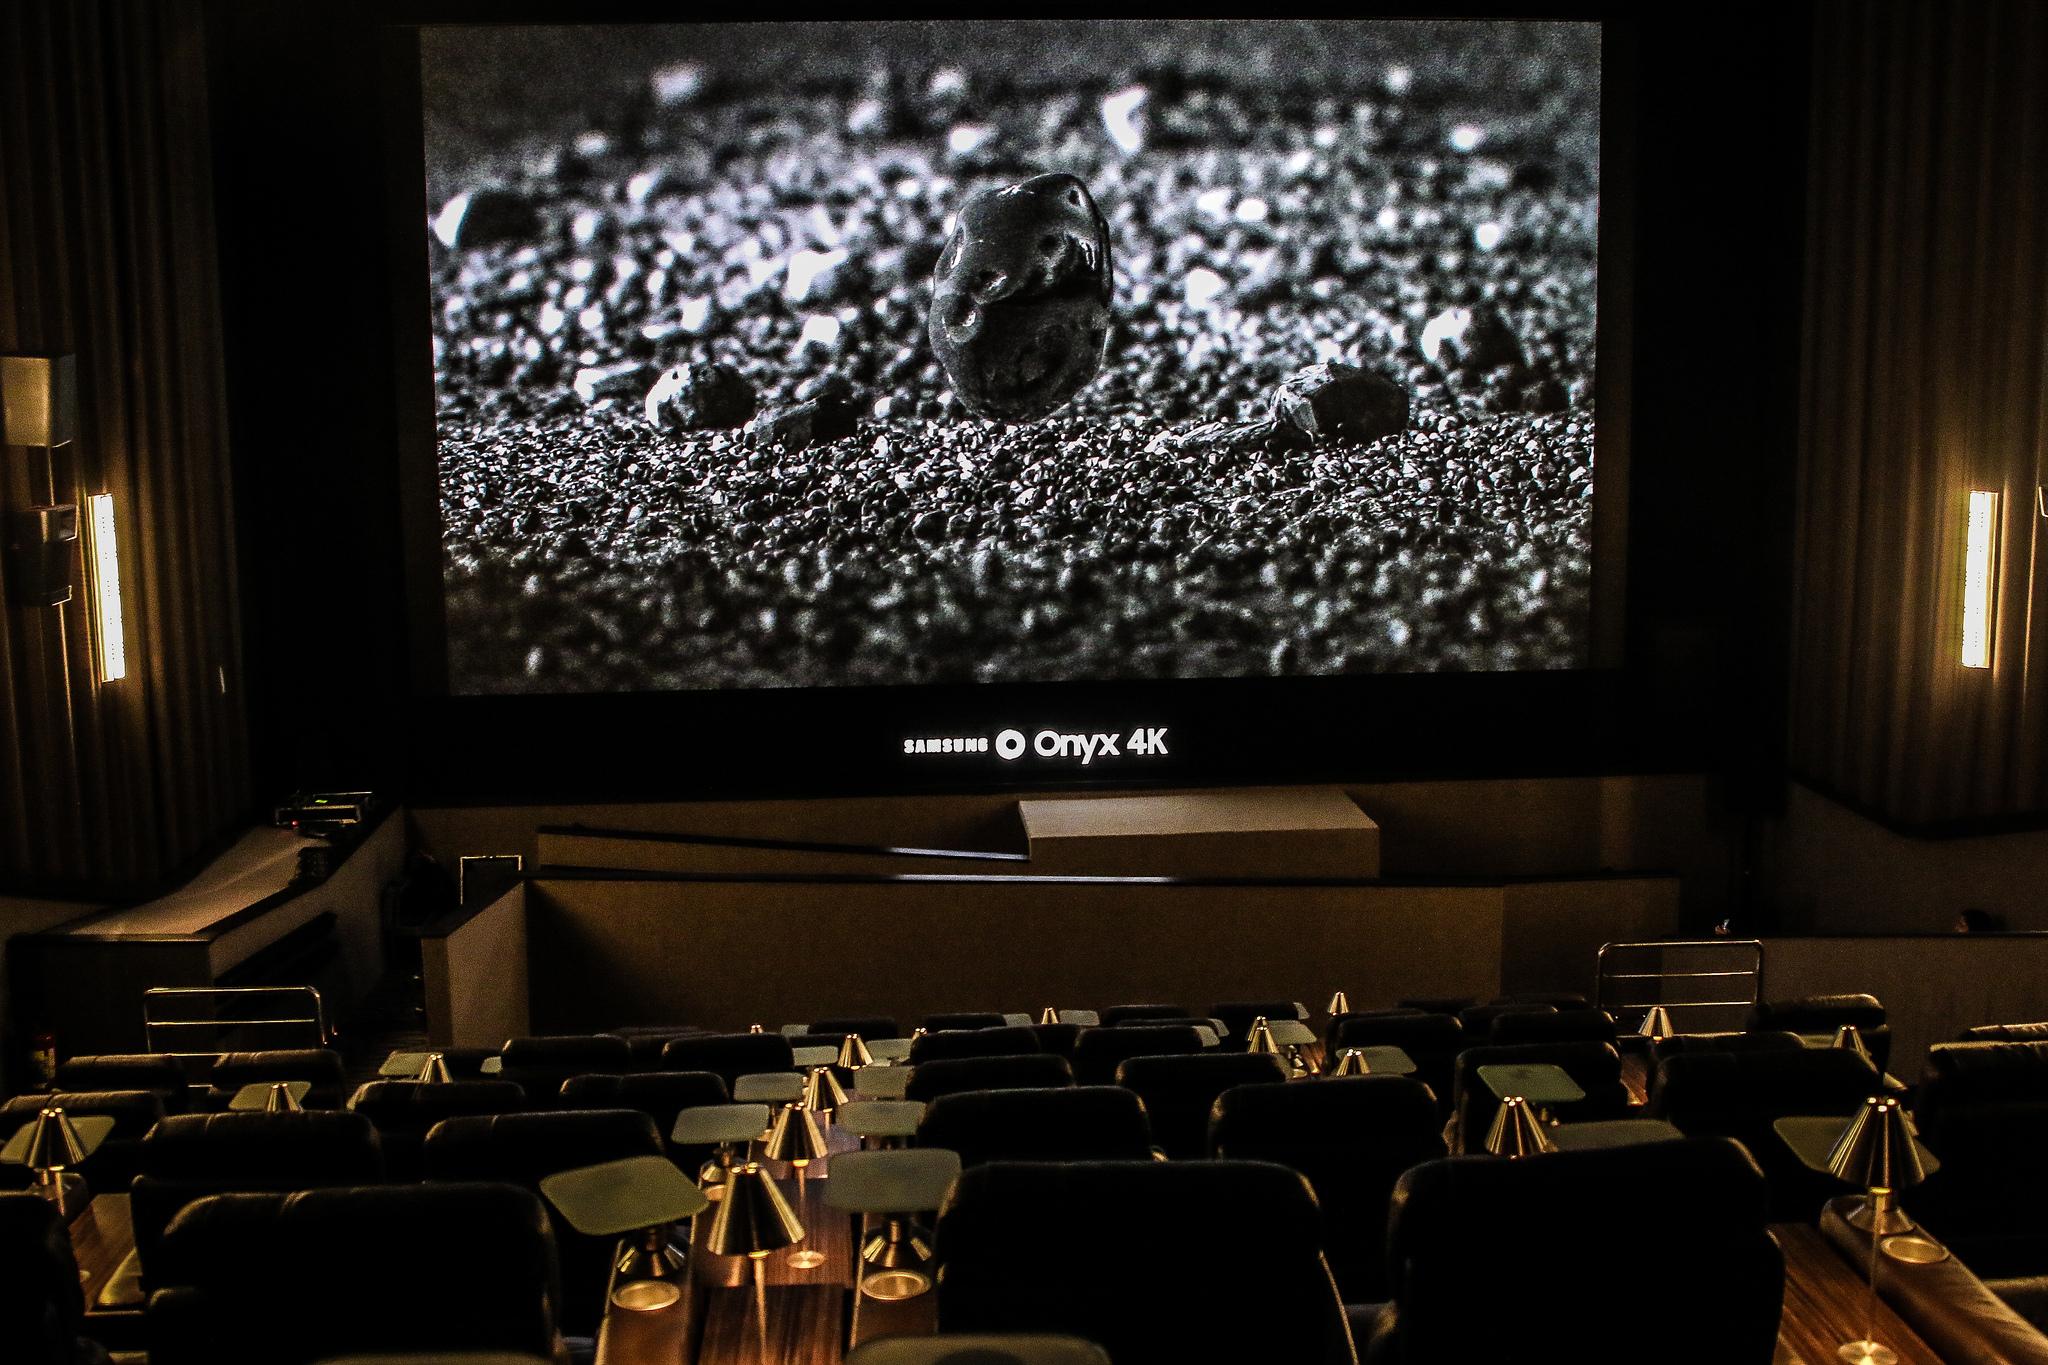 Samsung | Primeira tela LED modular Samsung Onyx 4K é inaugurada no Brasil